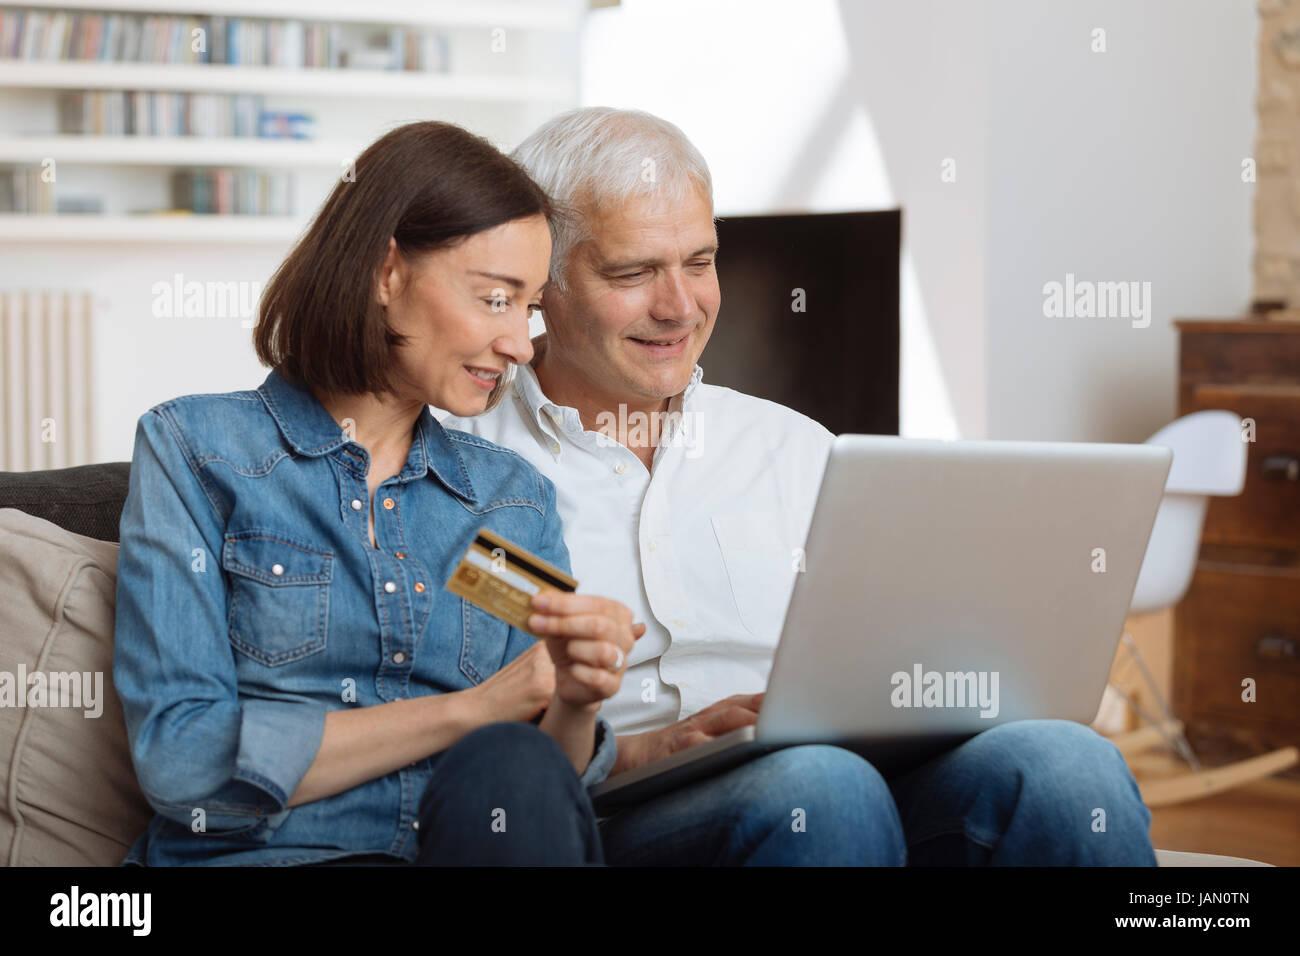 Pareja madura conectado con un ordenador portátil y compras online Imagen De Stock